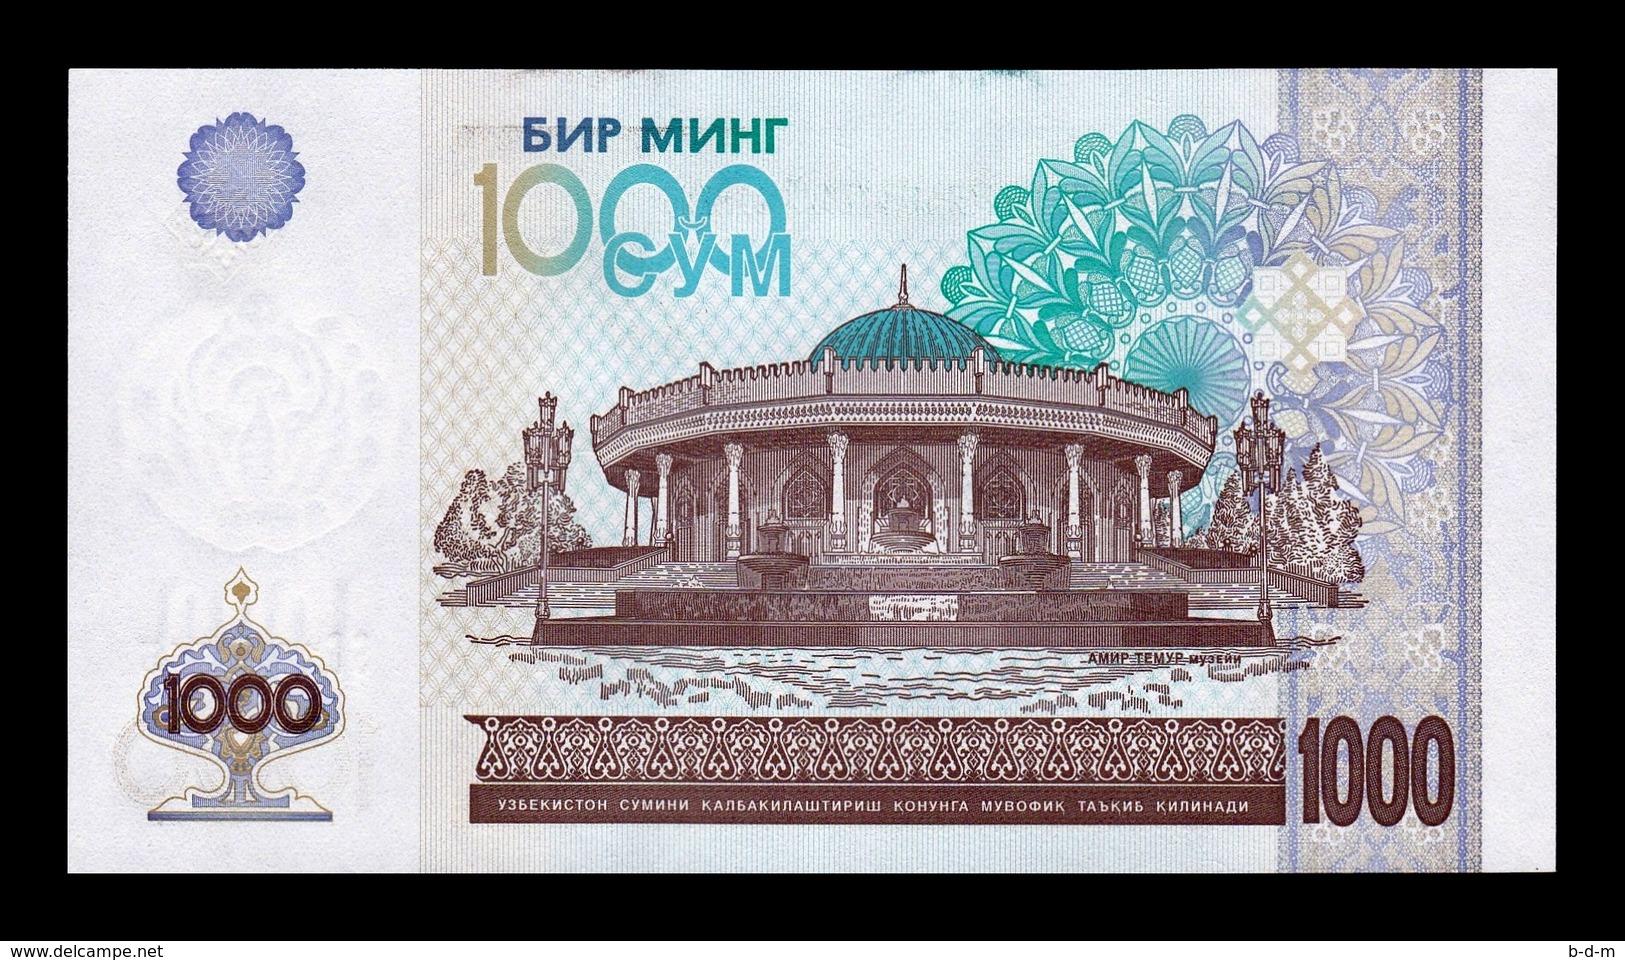 Uzbekistan Lot Bundle 10 Banknotes 1000 Sum 2001 Pick 82 SC UNC - Uzbekistán